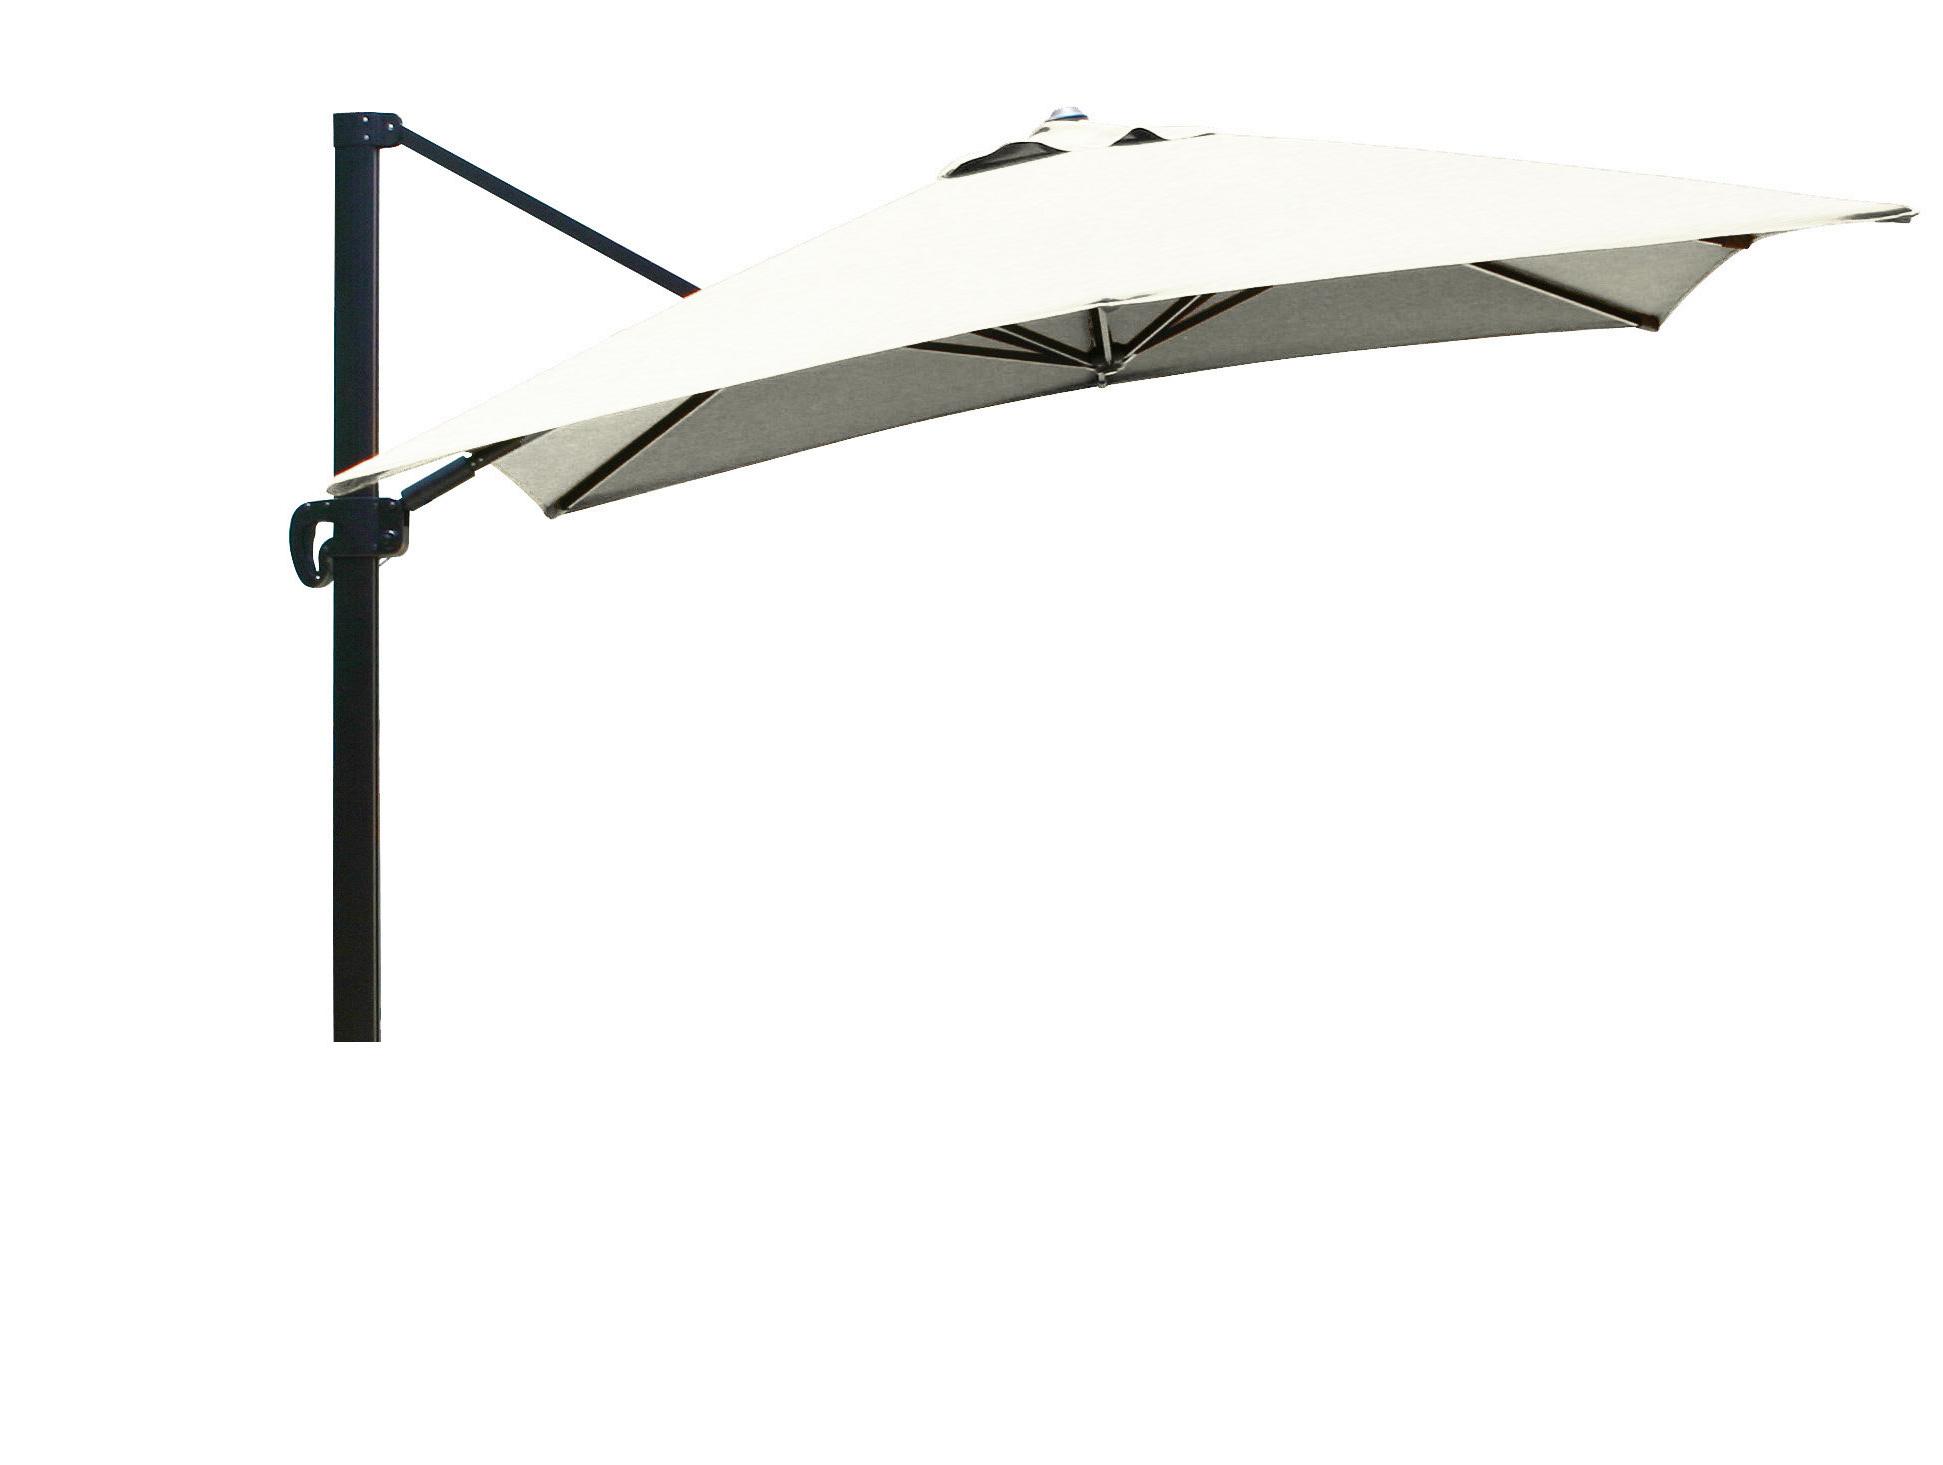 Latest Carlisle 10' Square Cantilever Sunbrella Umbrella Regarding Ketcham Cantilever Umbrellas (View 13 of 20)